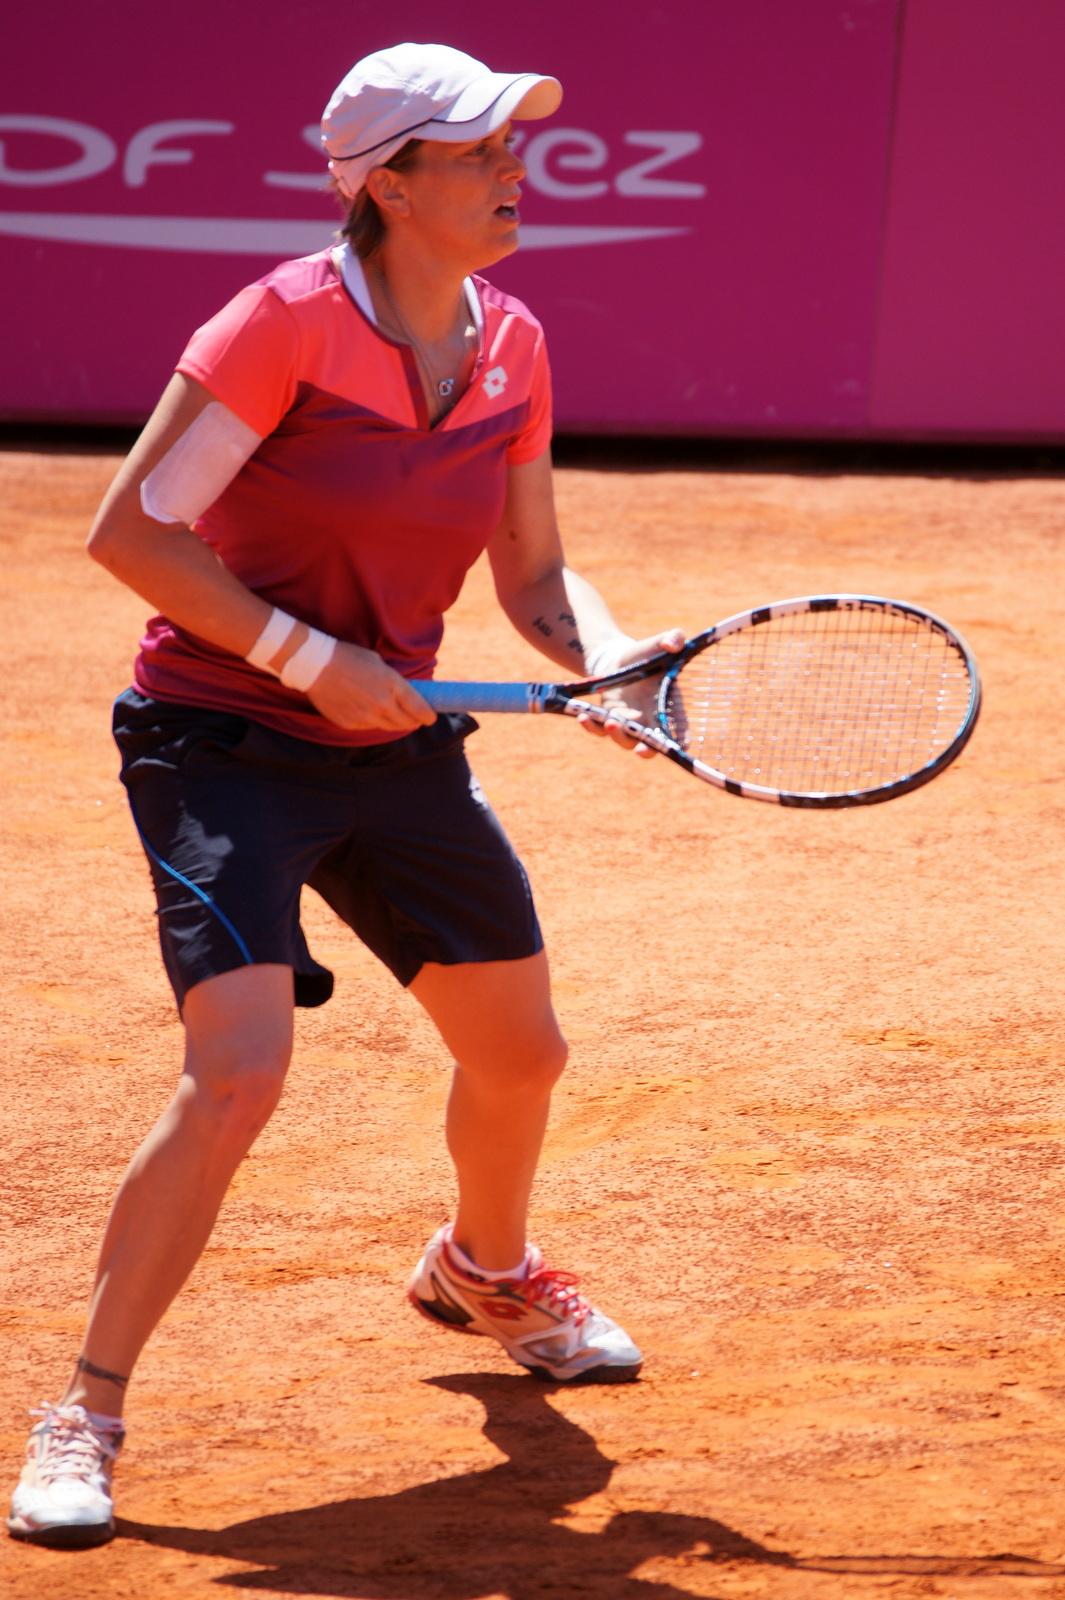 Romina Oprandi